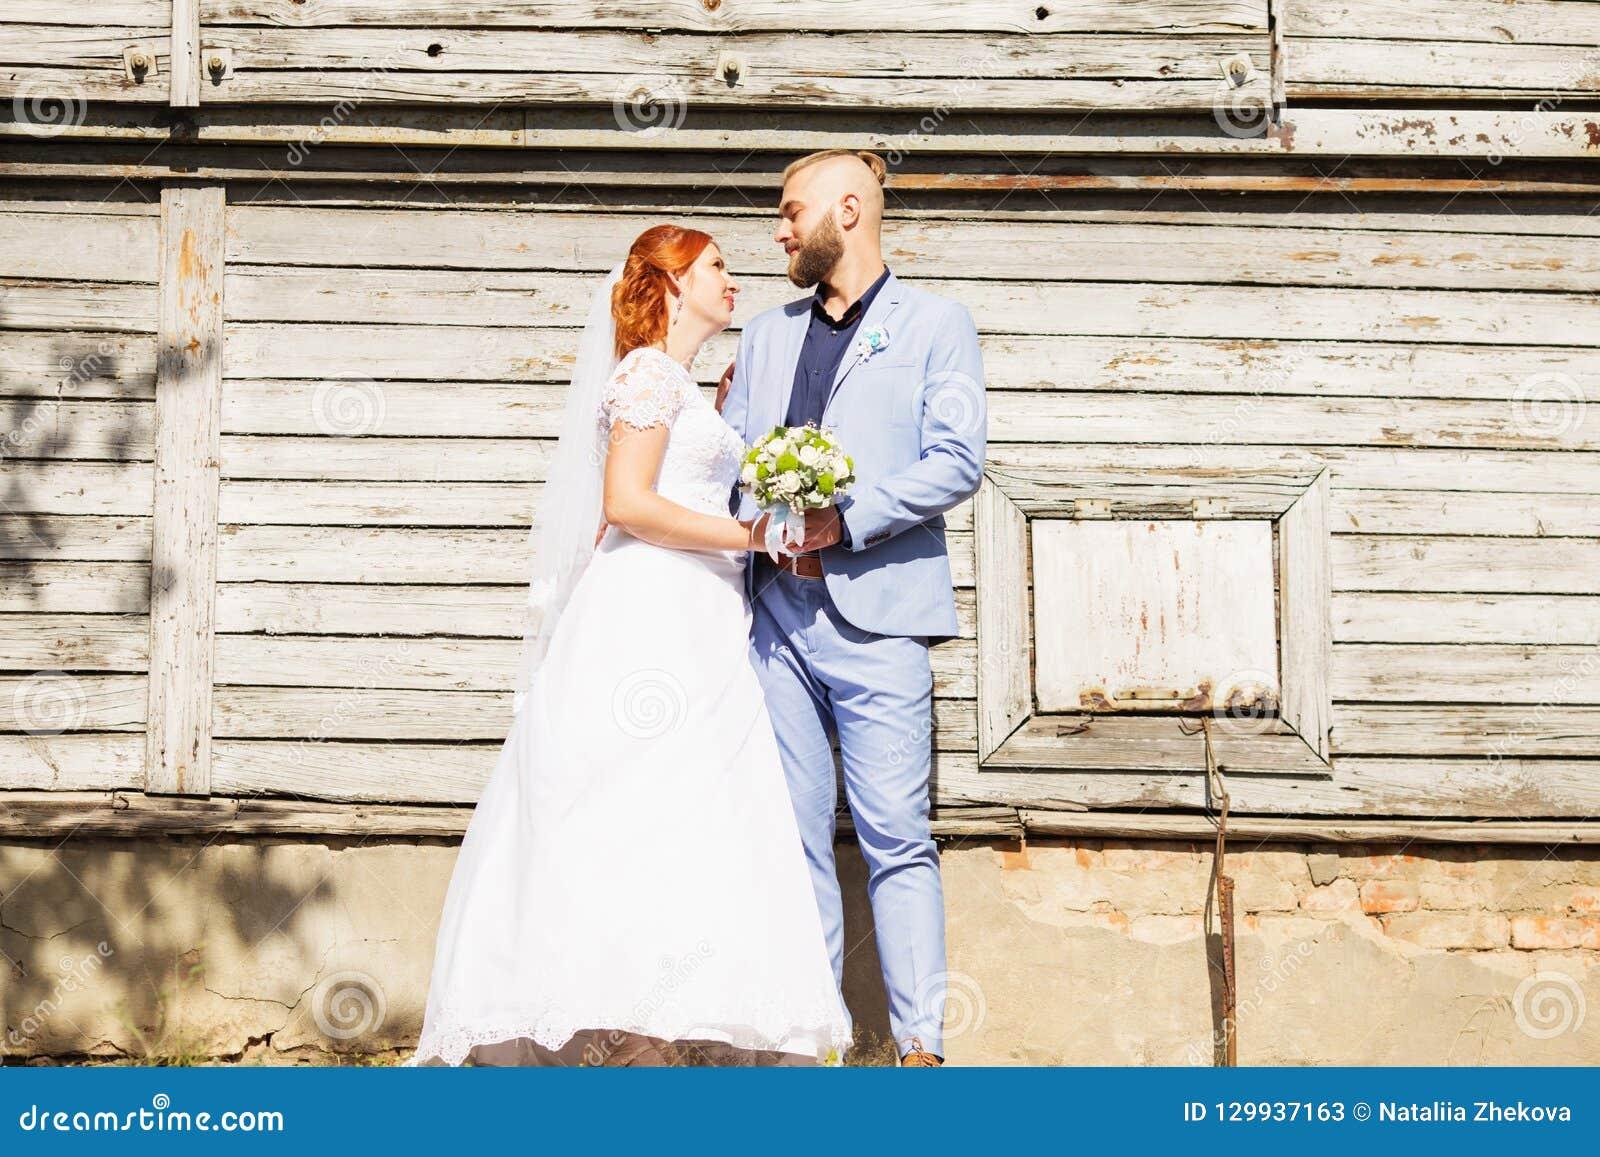 Precis gifta älska hipsterpar i bröllopsklänning- och dräktpos.